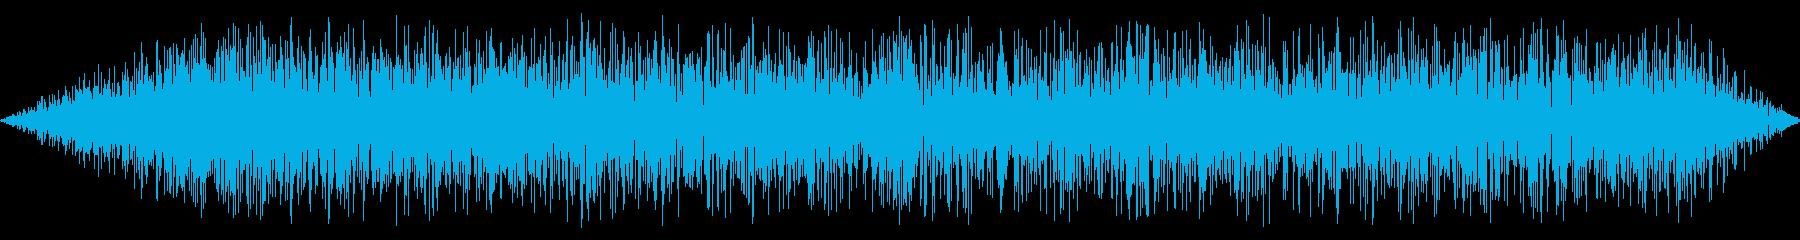 ザアアの再生済みの波形